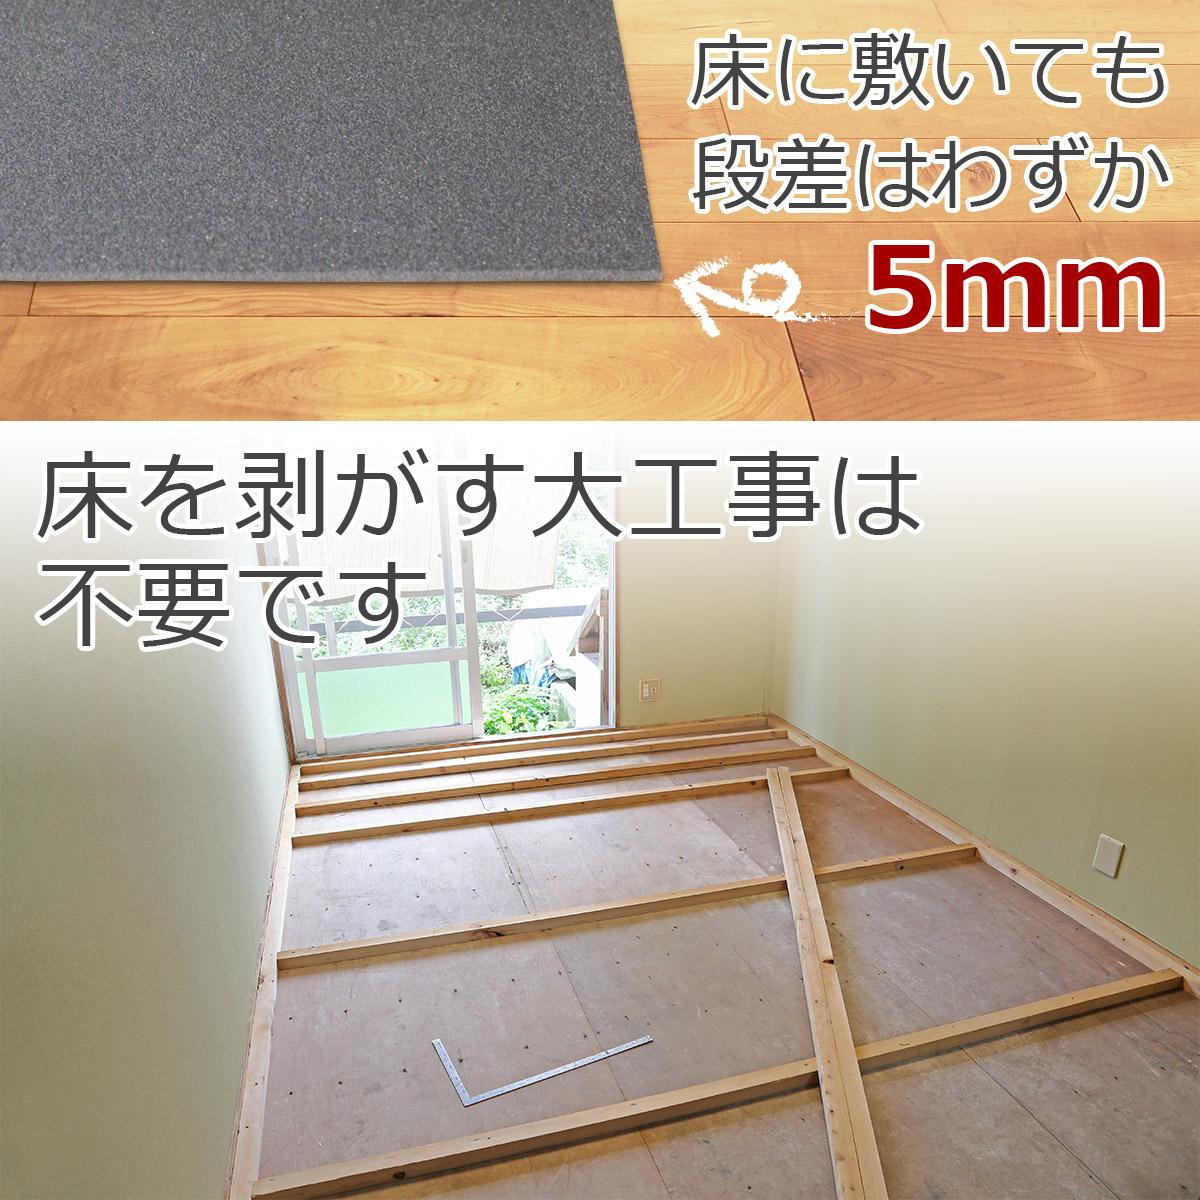 床に敷いても段差はわずか5ミリ 床を剥がす大工事は不要です